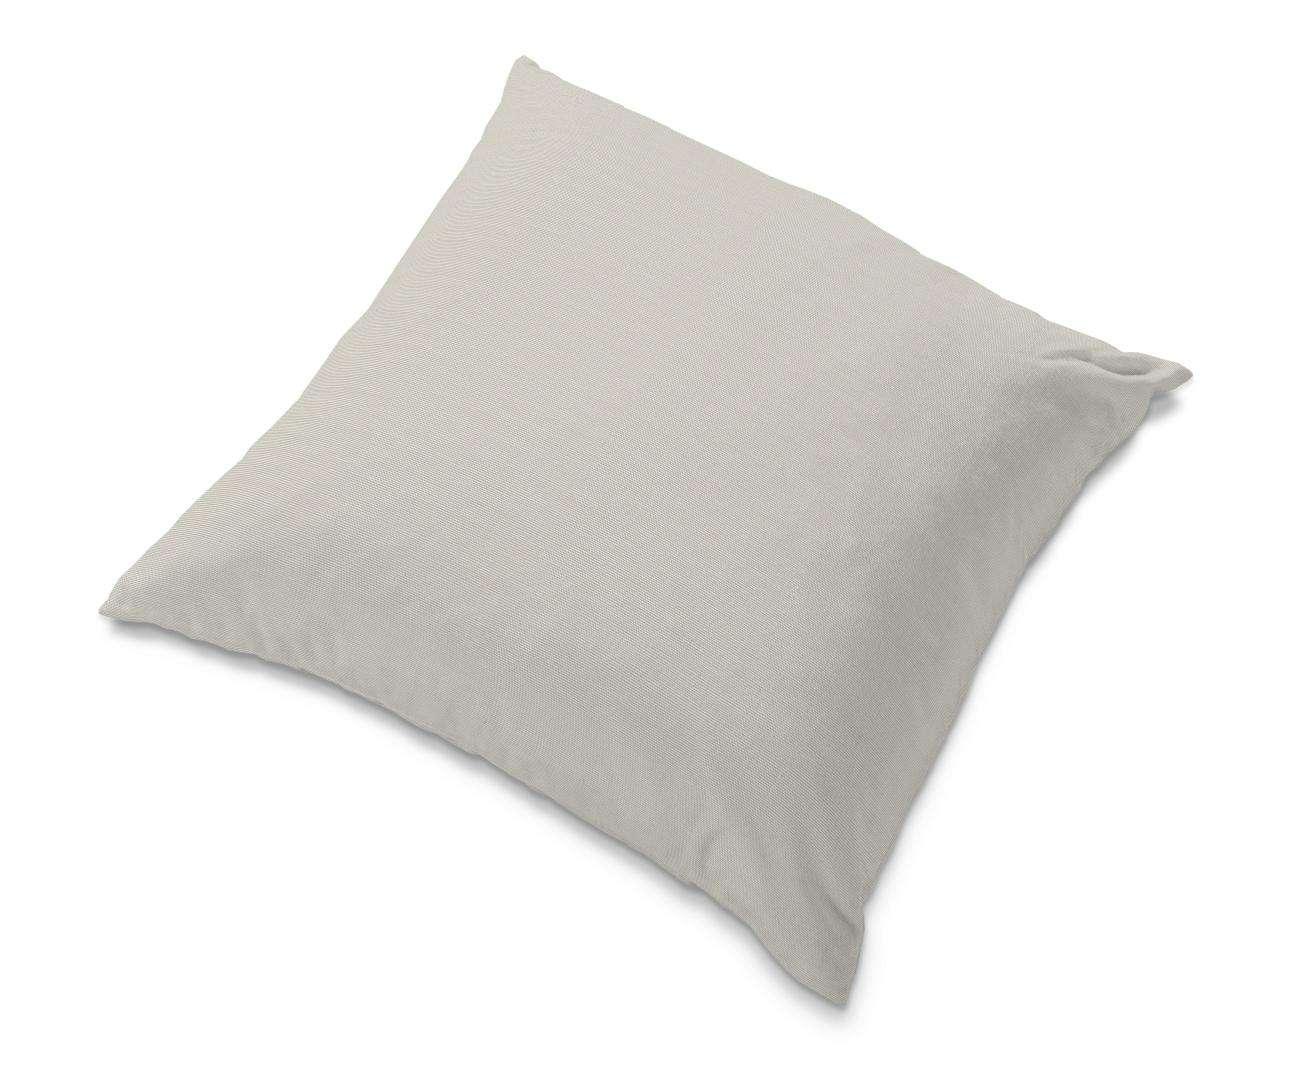 Poszewka Tomelilla 55x55cm w kolekcji Cotton Panama, tkanina: 702-31